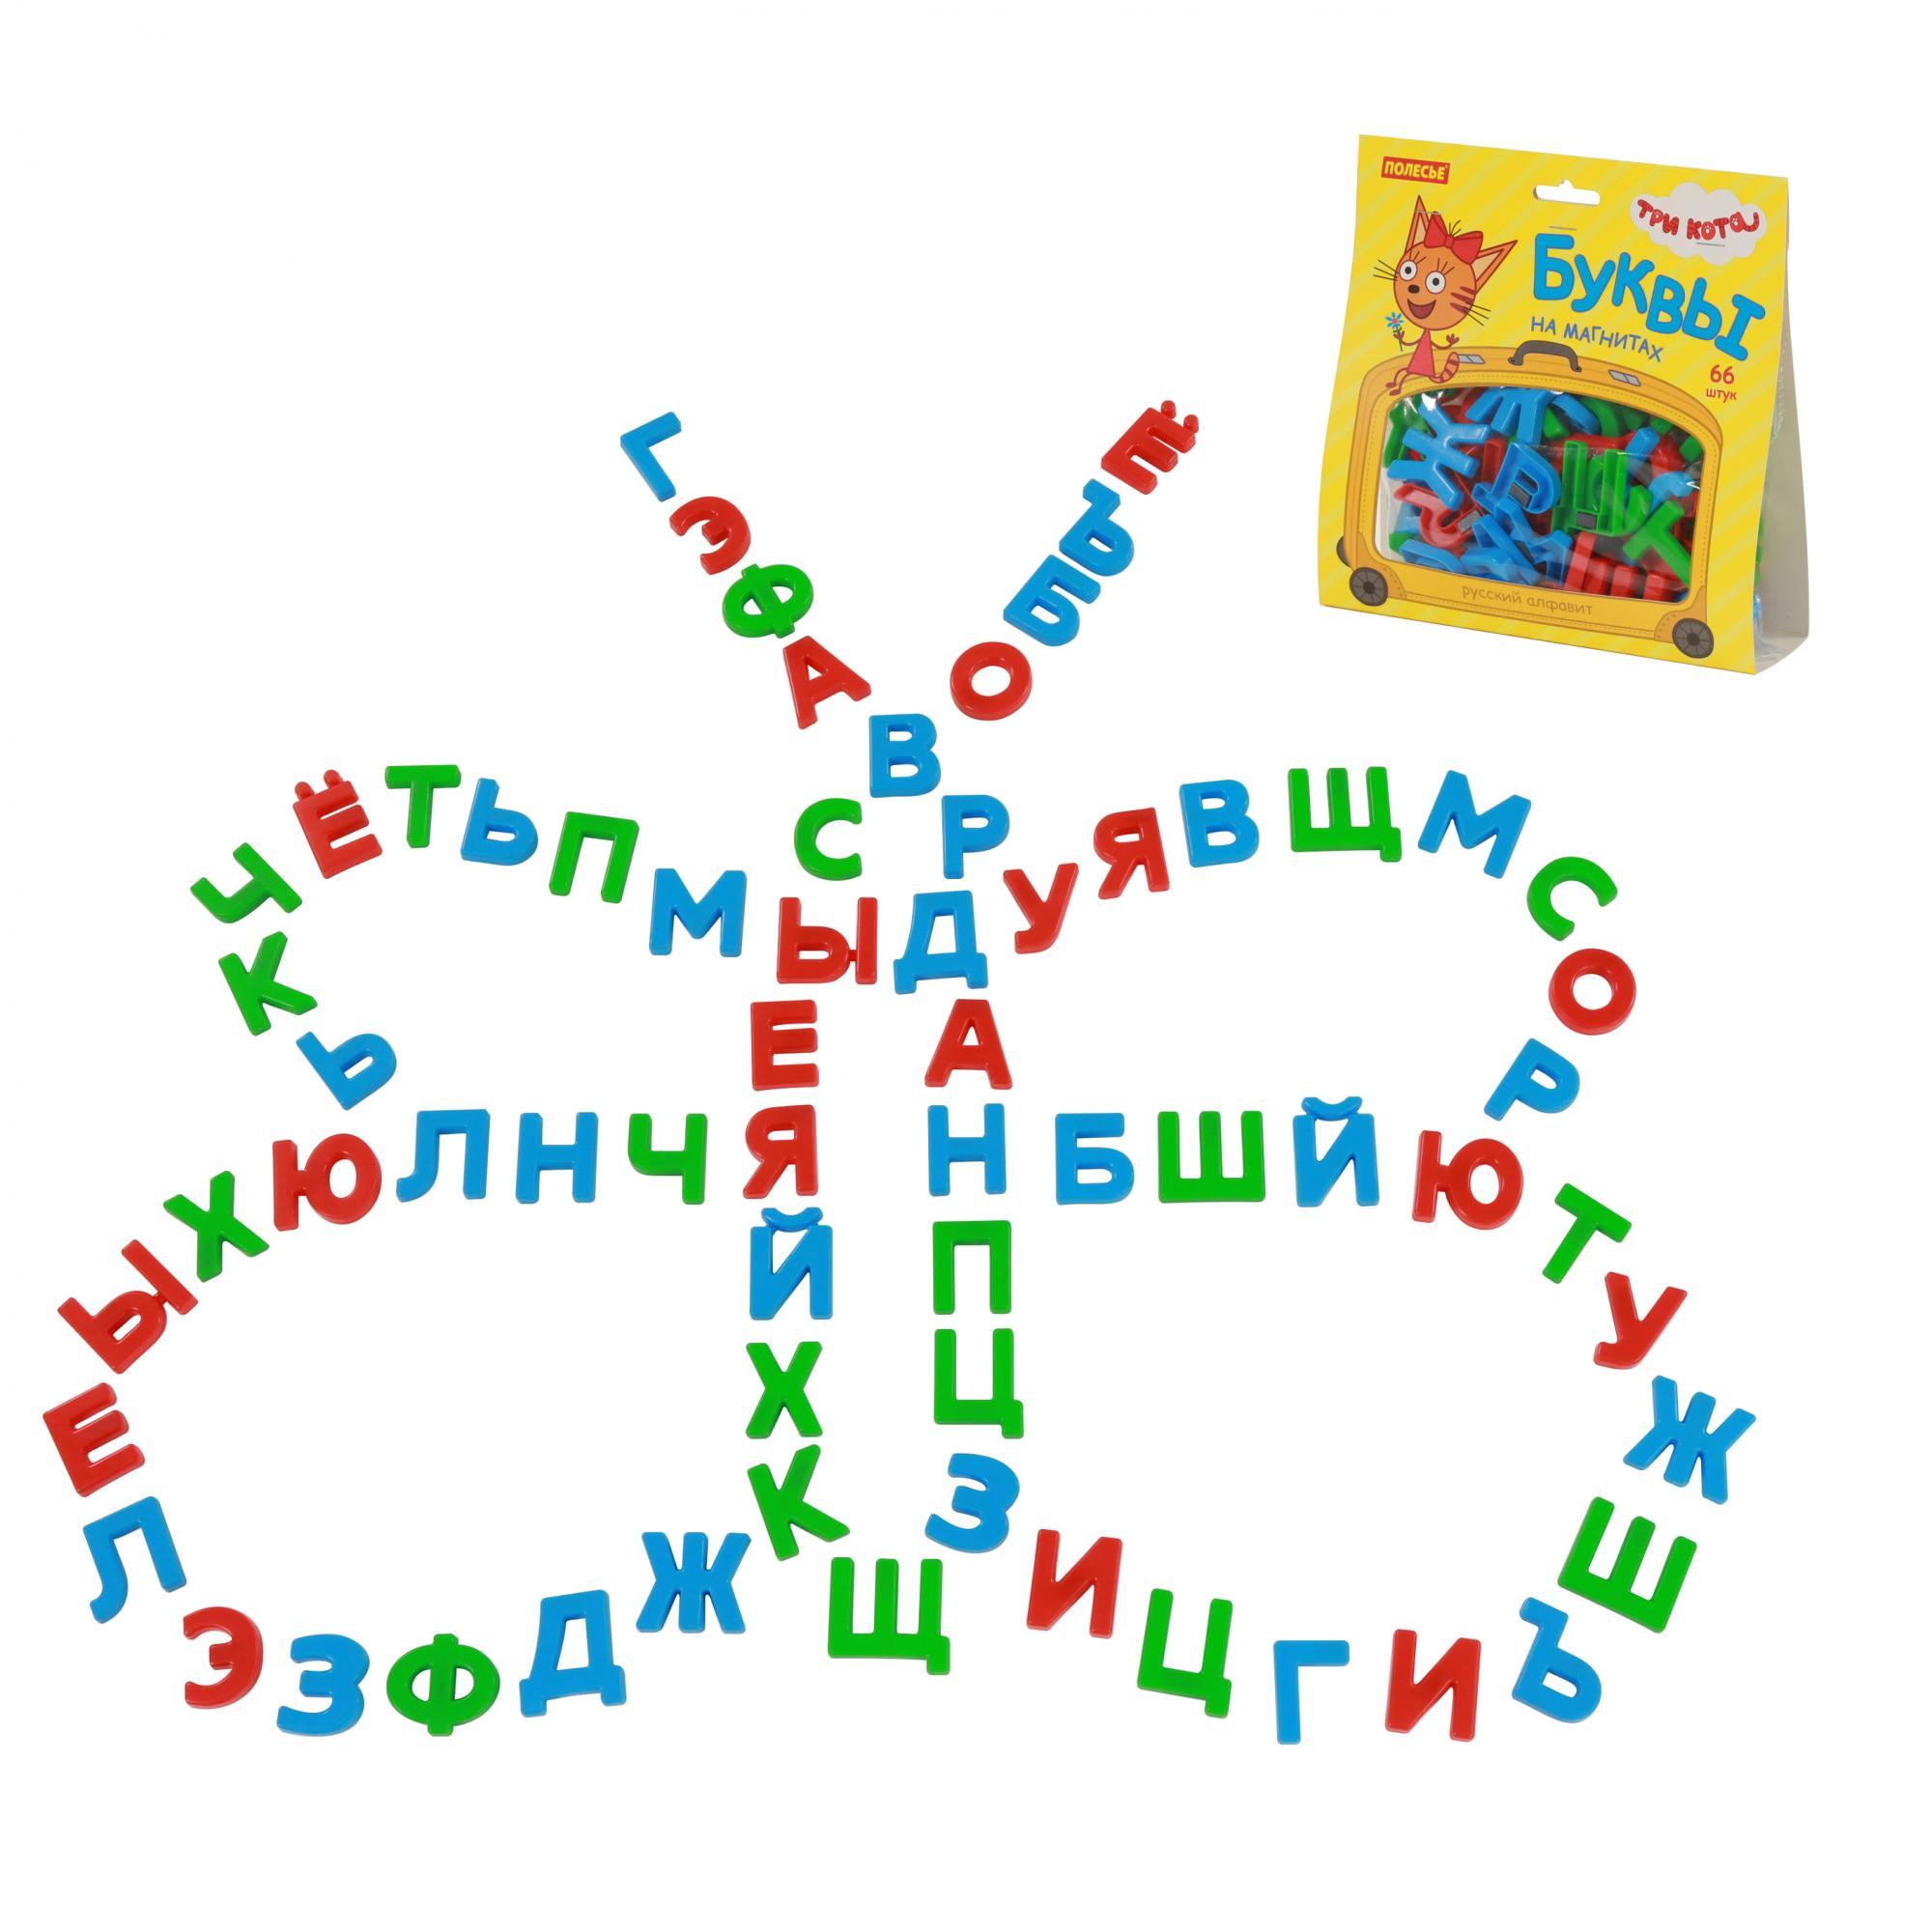 Купить Набор из серии Три кота - Буквы на магнитах, 66 штук, в пакете, Полесье